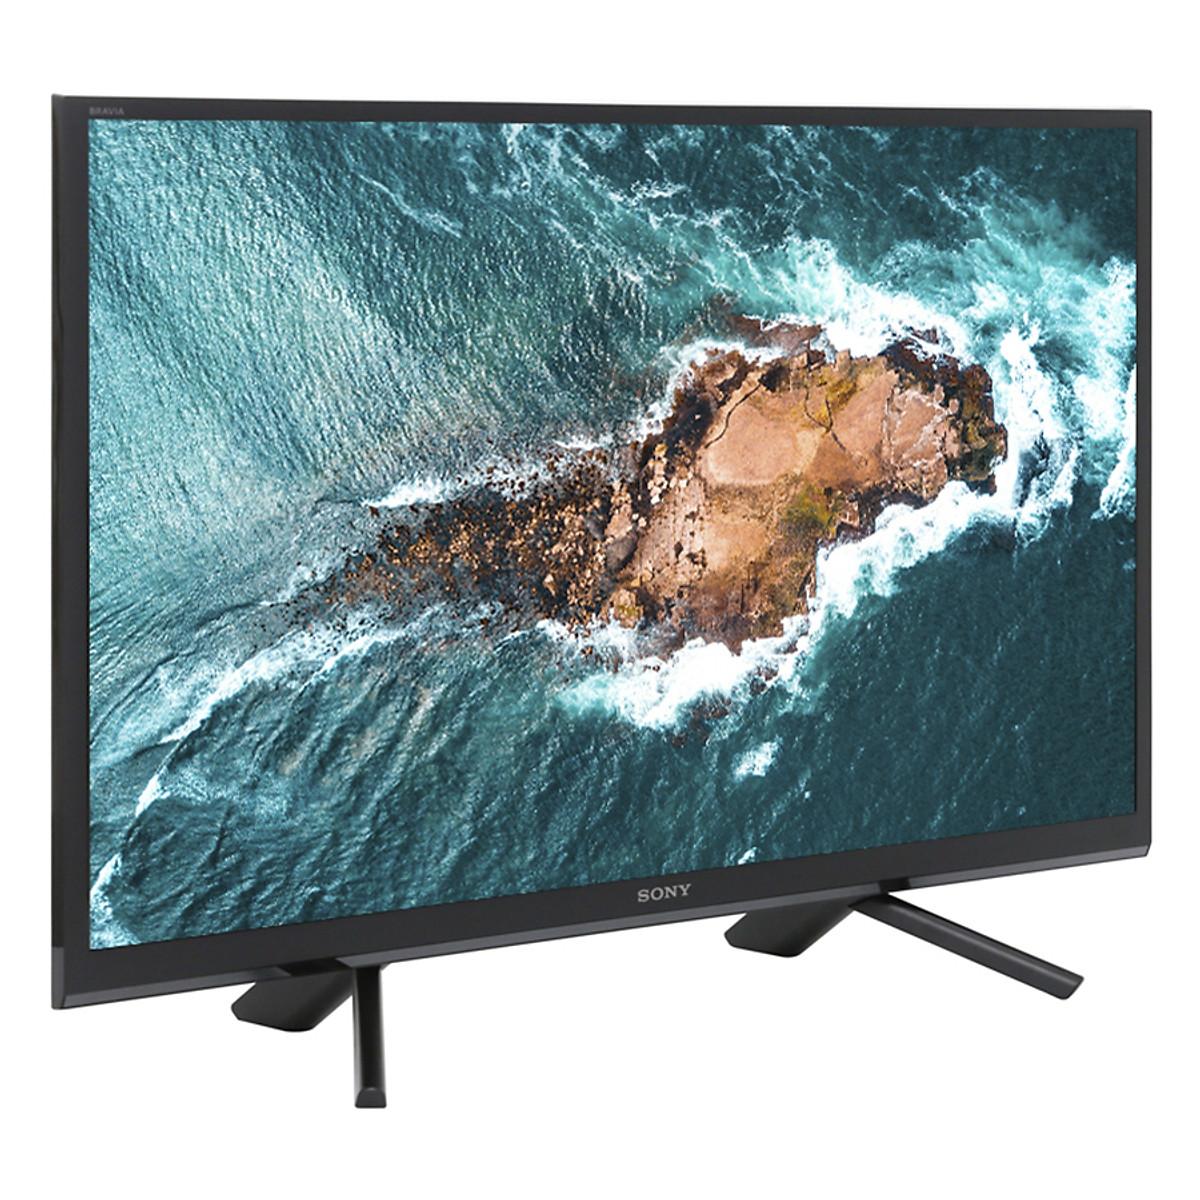 Tivi Sony Giá HOT - Các Model để bạn tham khảo - 3